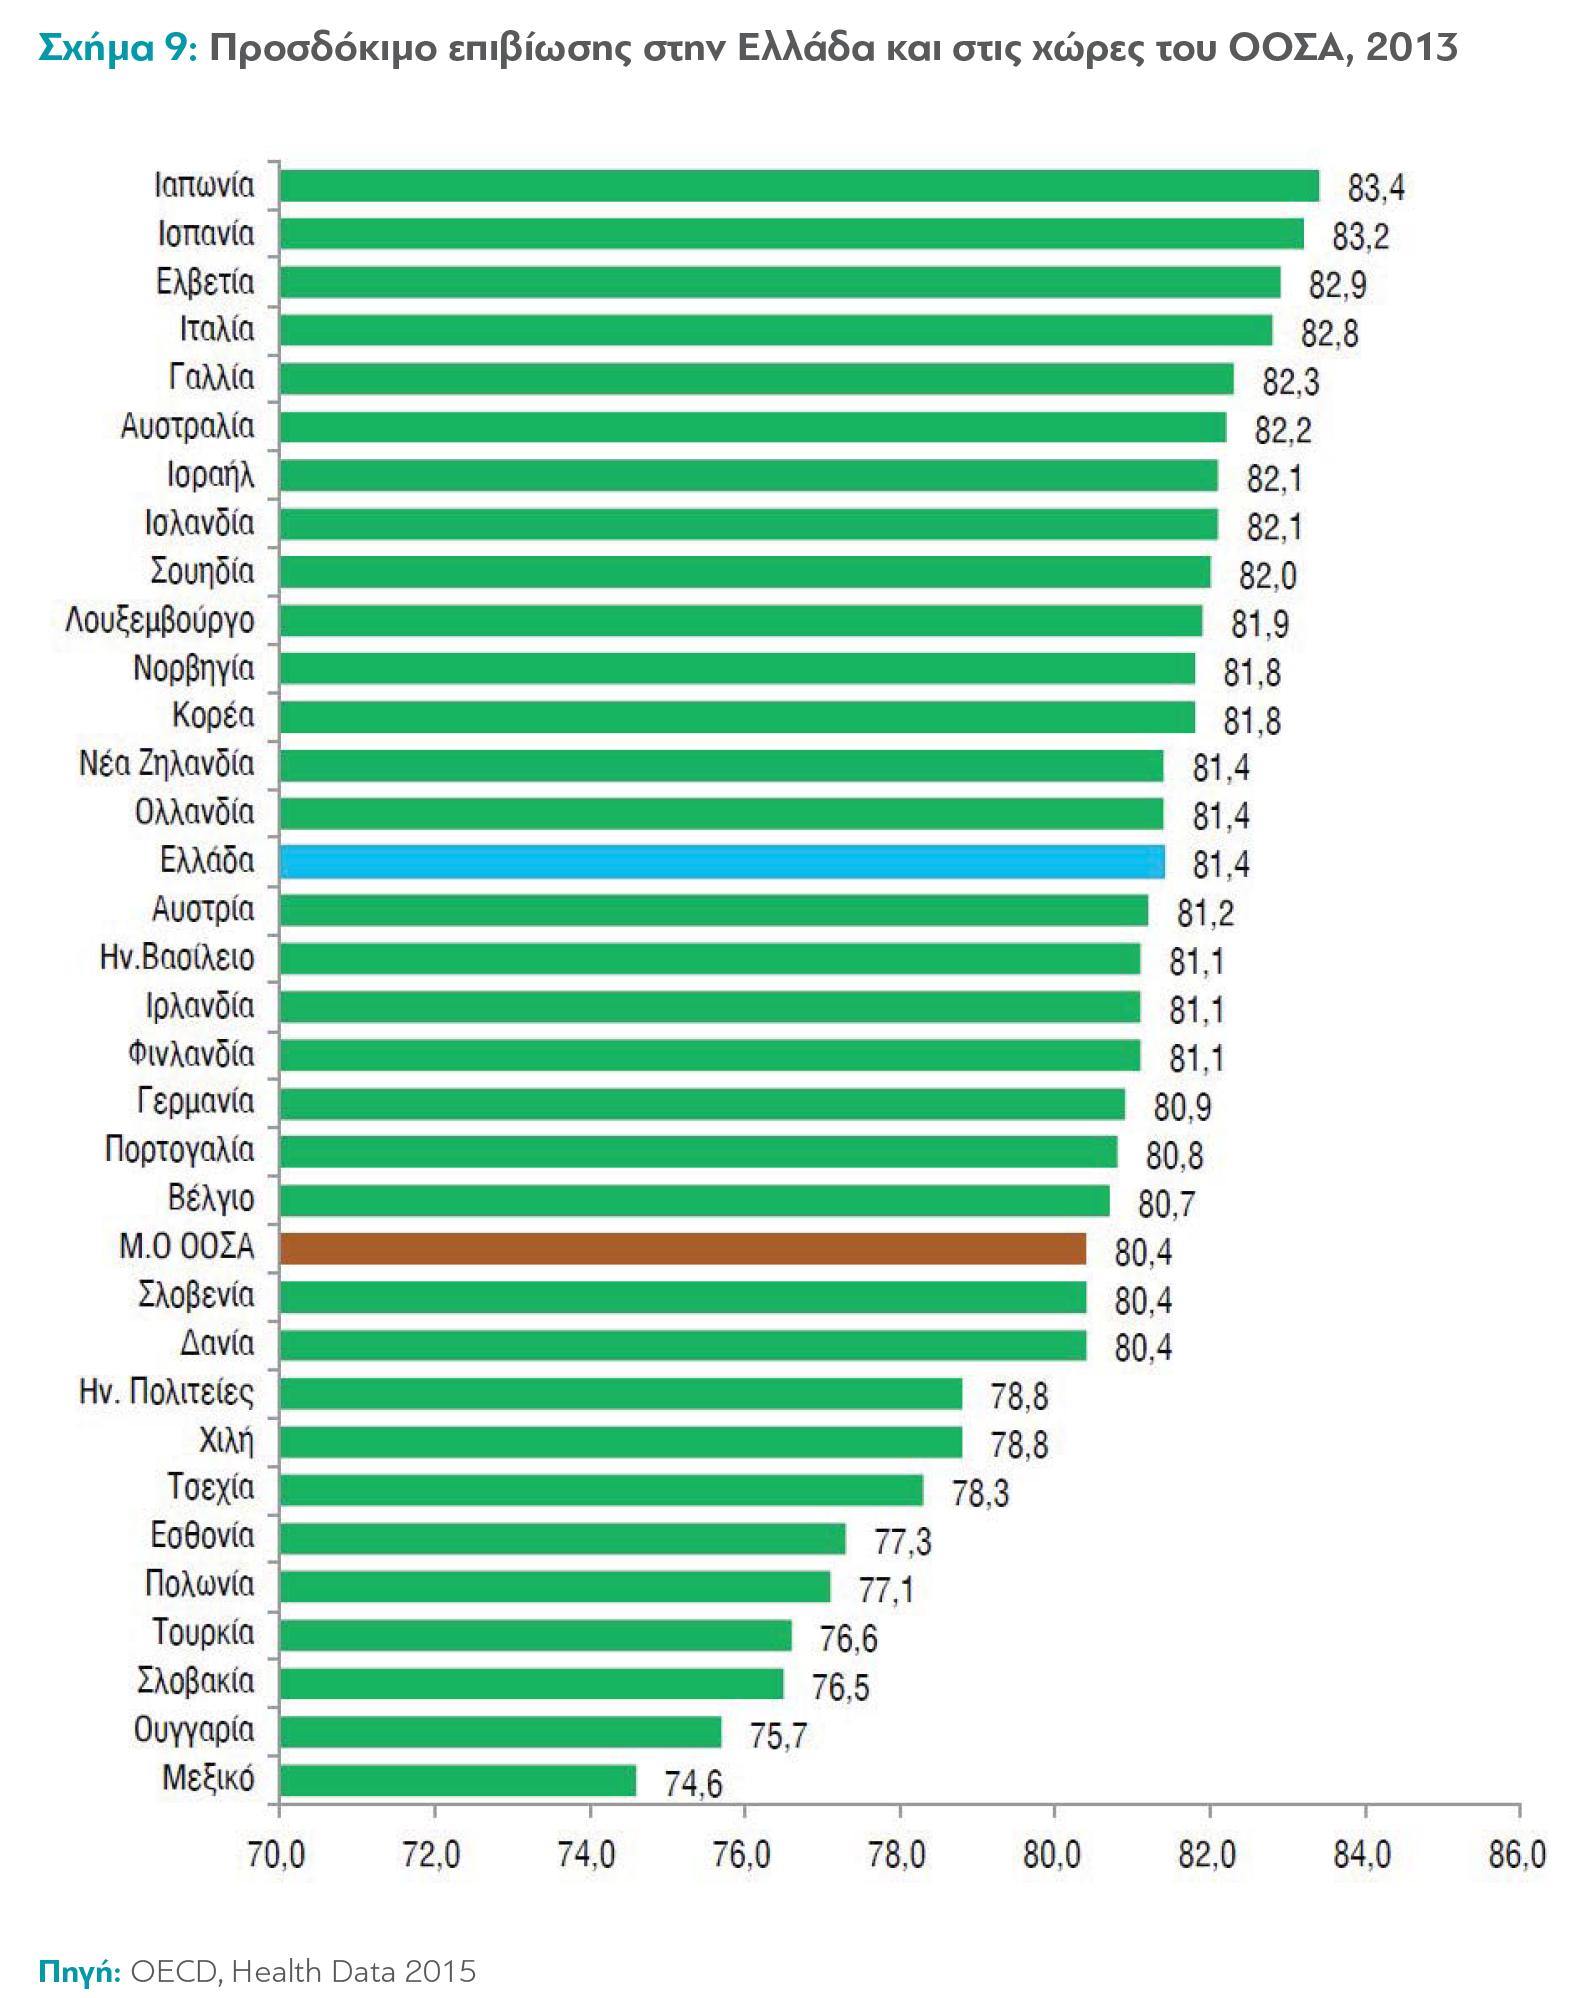 Συγκριτικά με το μέσο όρο των χωρών του ΟΟΣΑ, η Ελλάδα το 2013 παρουσίασε υψηλότερο προσδόκιμο επιβίωσης, 81,4 έτη έναντι 80,4 έτη του ΟΟΣΑ. Το υψηλότερο προσδόκιμο επιβίωσης παρουσιάζεται σε χώρες όπως η Ιαπωνία, η Ισπανία, η Ελβετία και η Γαλλία